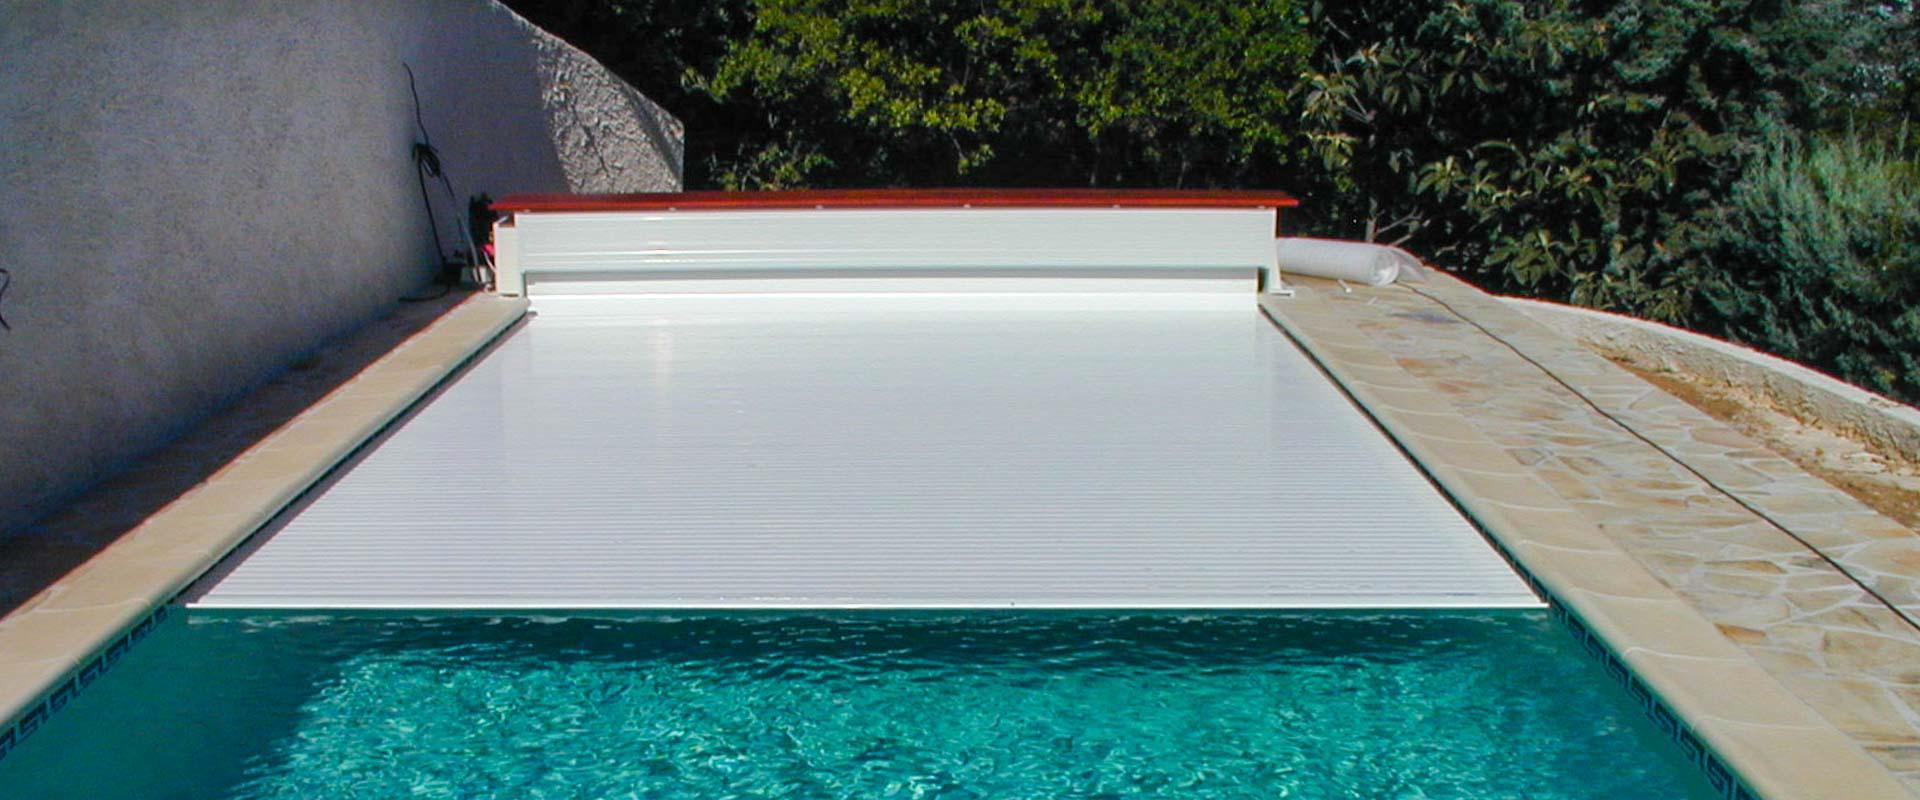 Volet de piscine rigide type light grando gmbh fr - Couverture piscine hors sol toulouse ...